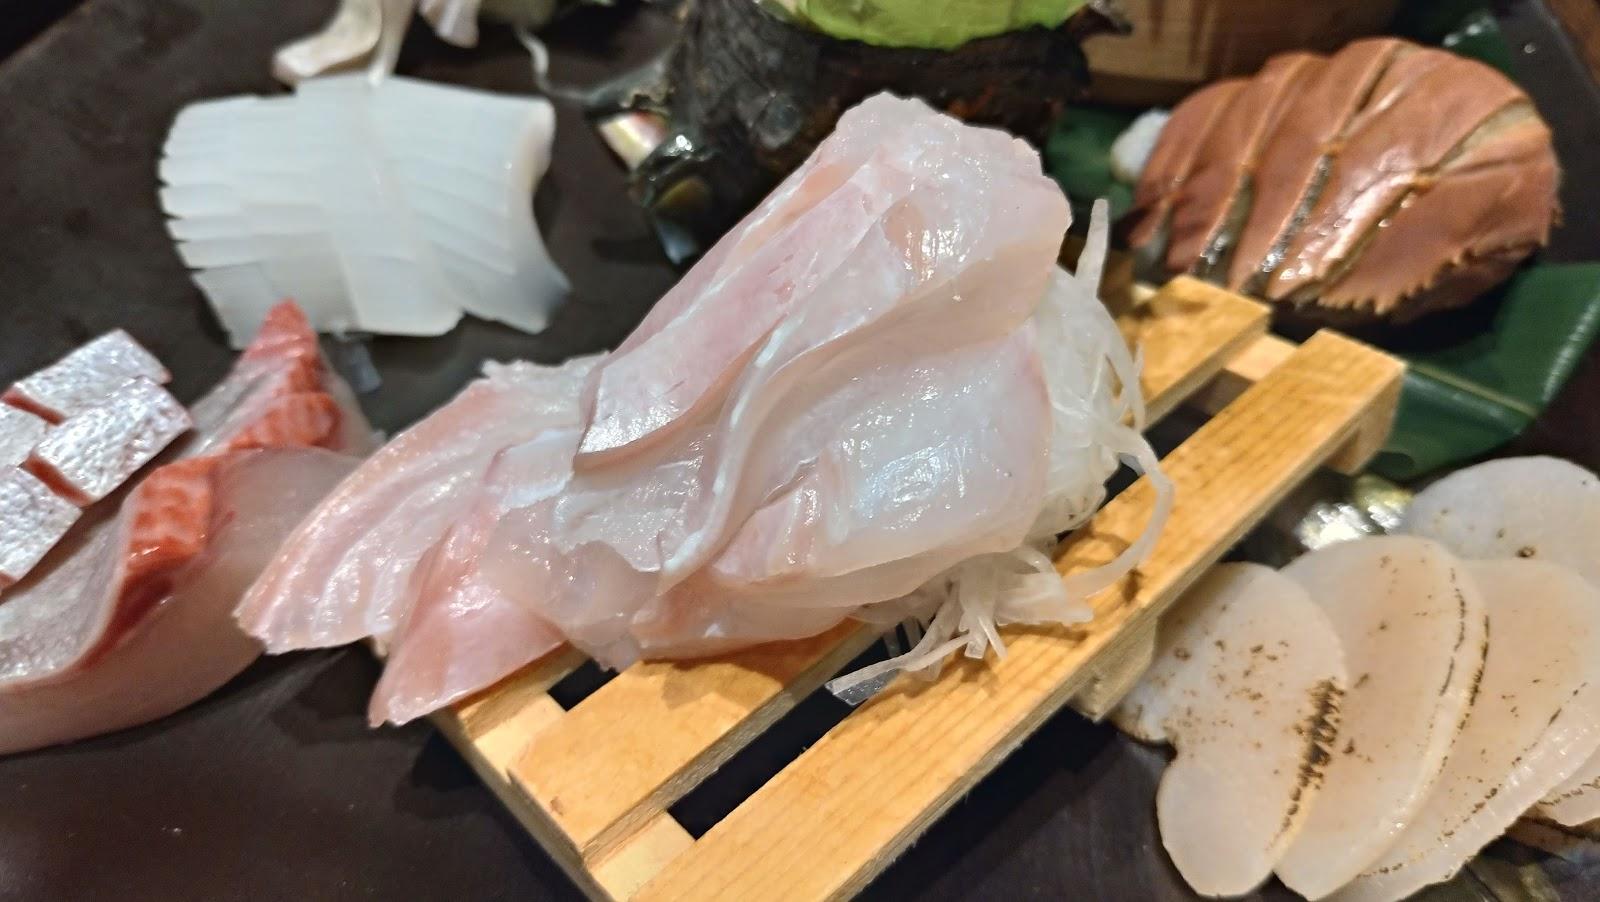 あまだい 長崎市居酒屋の魚店亜紗 (うおだなあさ)がスーパーおすすめ!